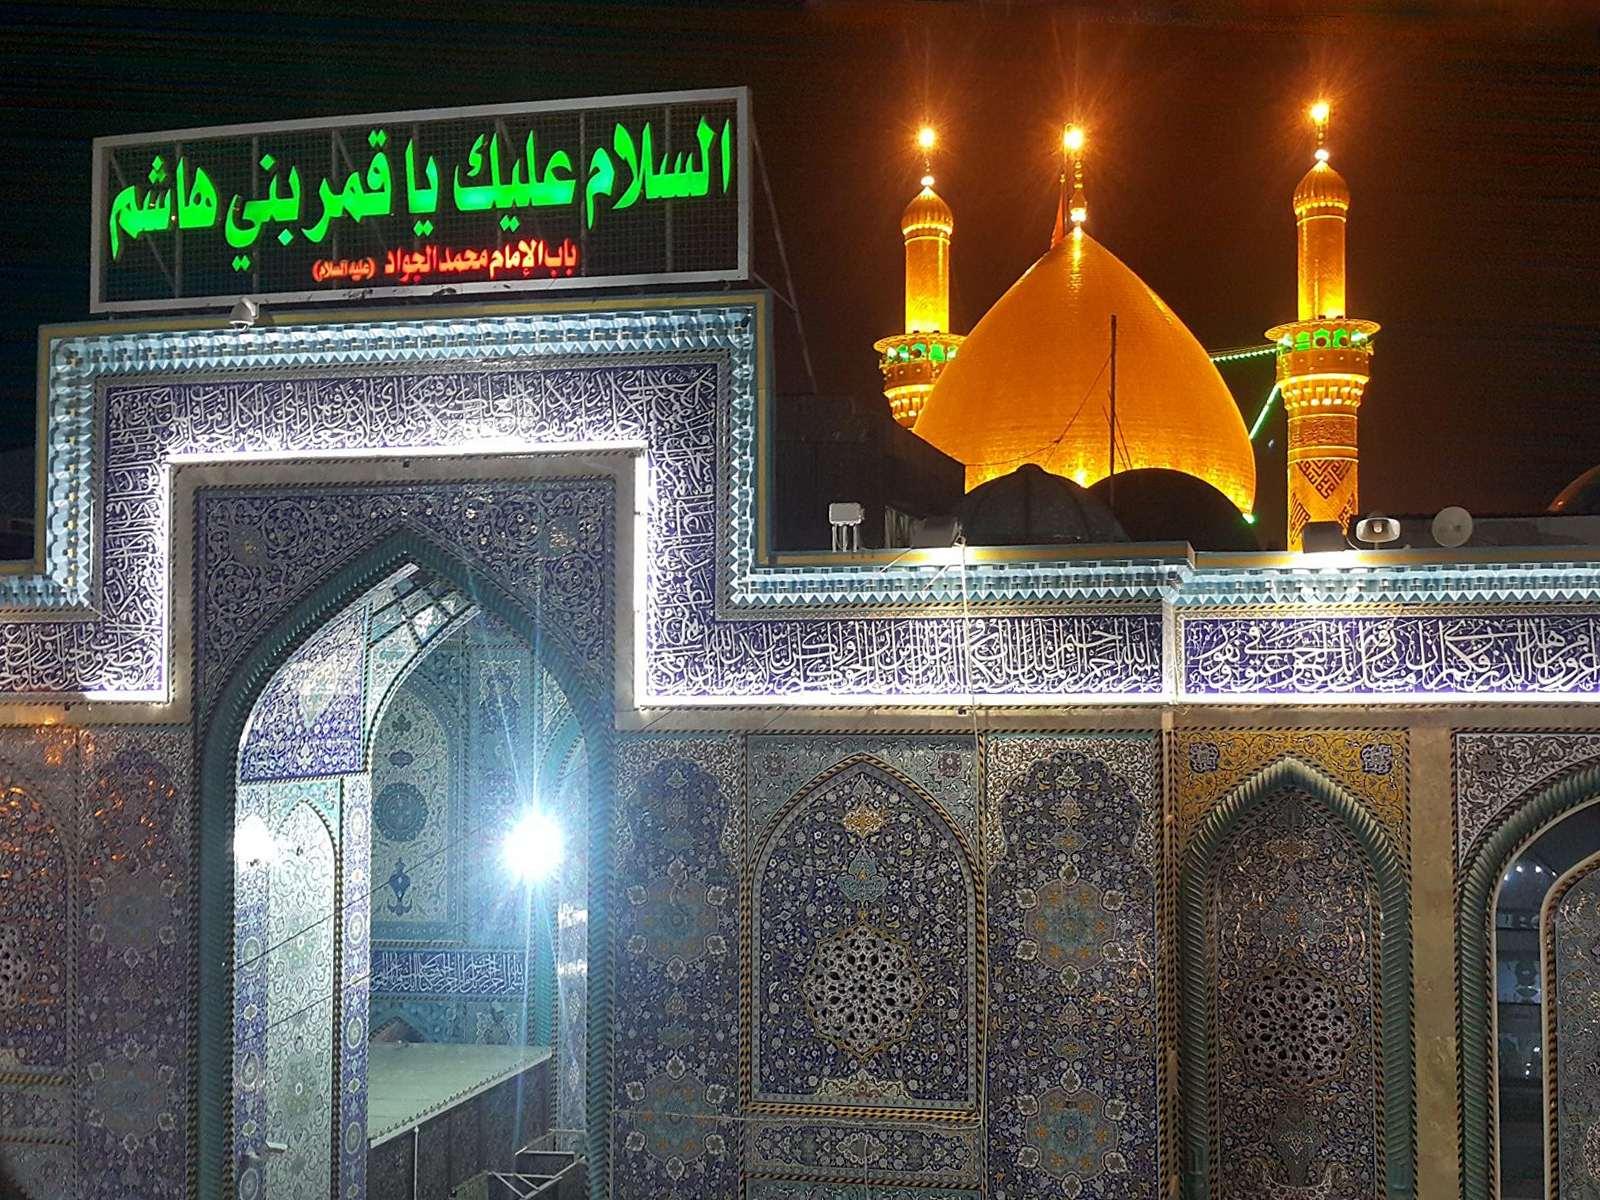 حرم حضرت عباس واقع در کربلا